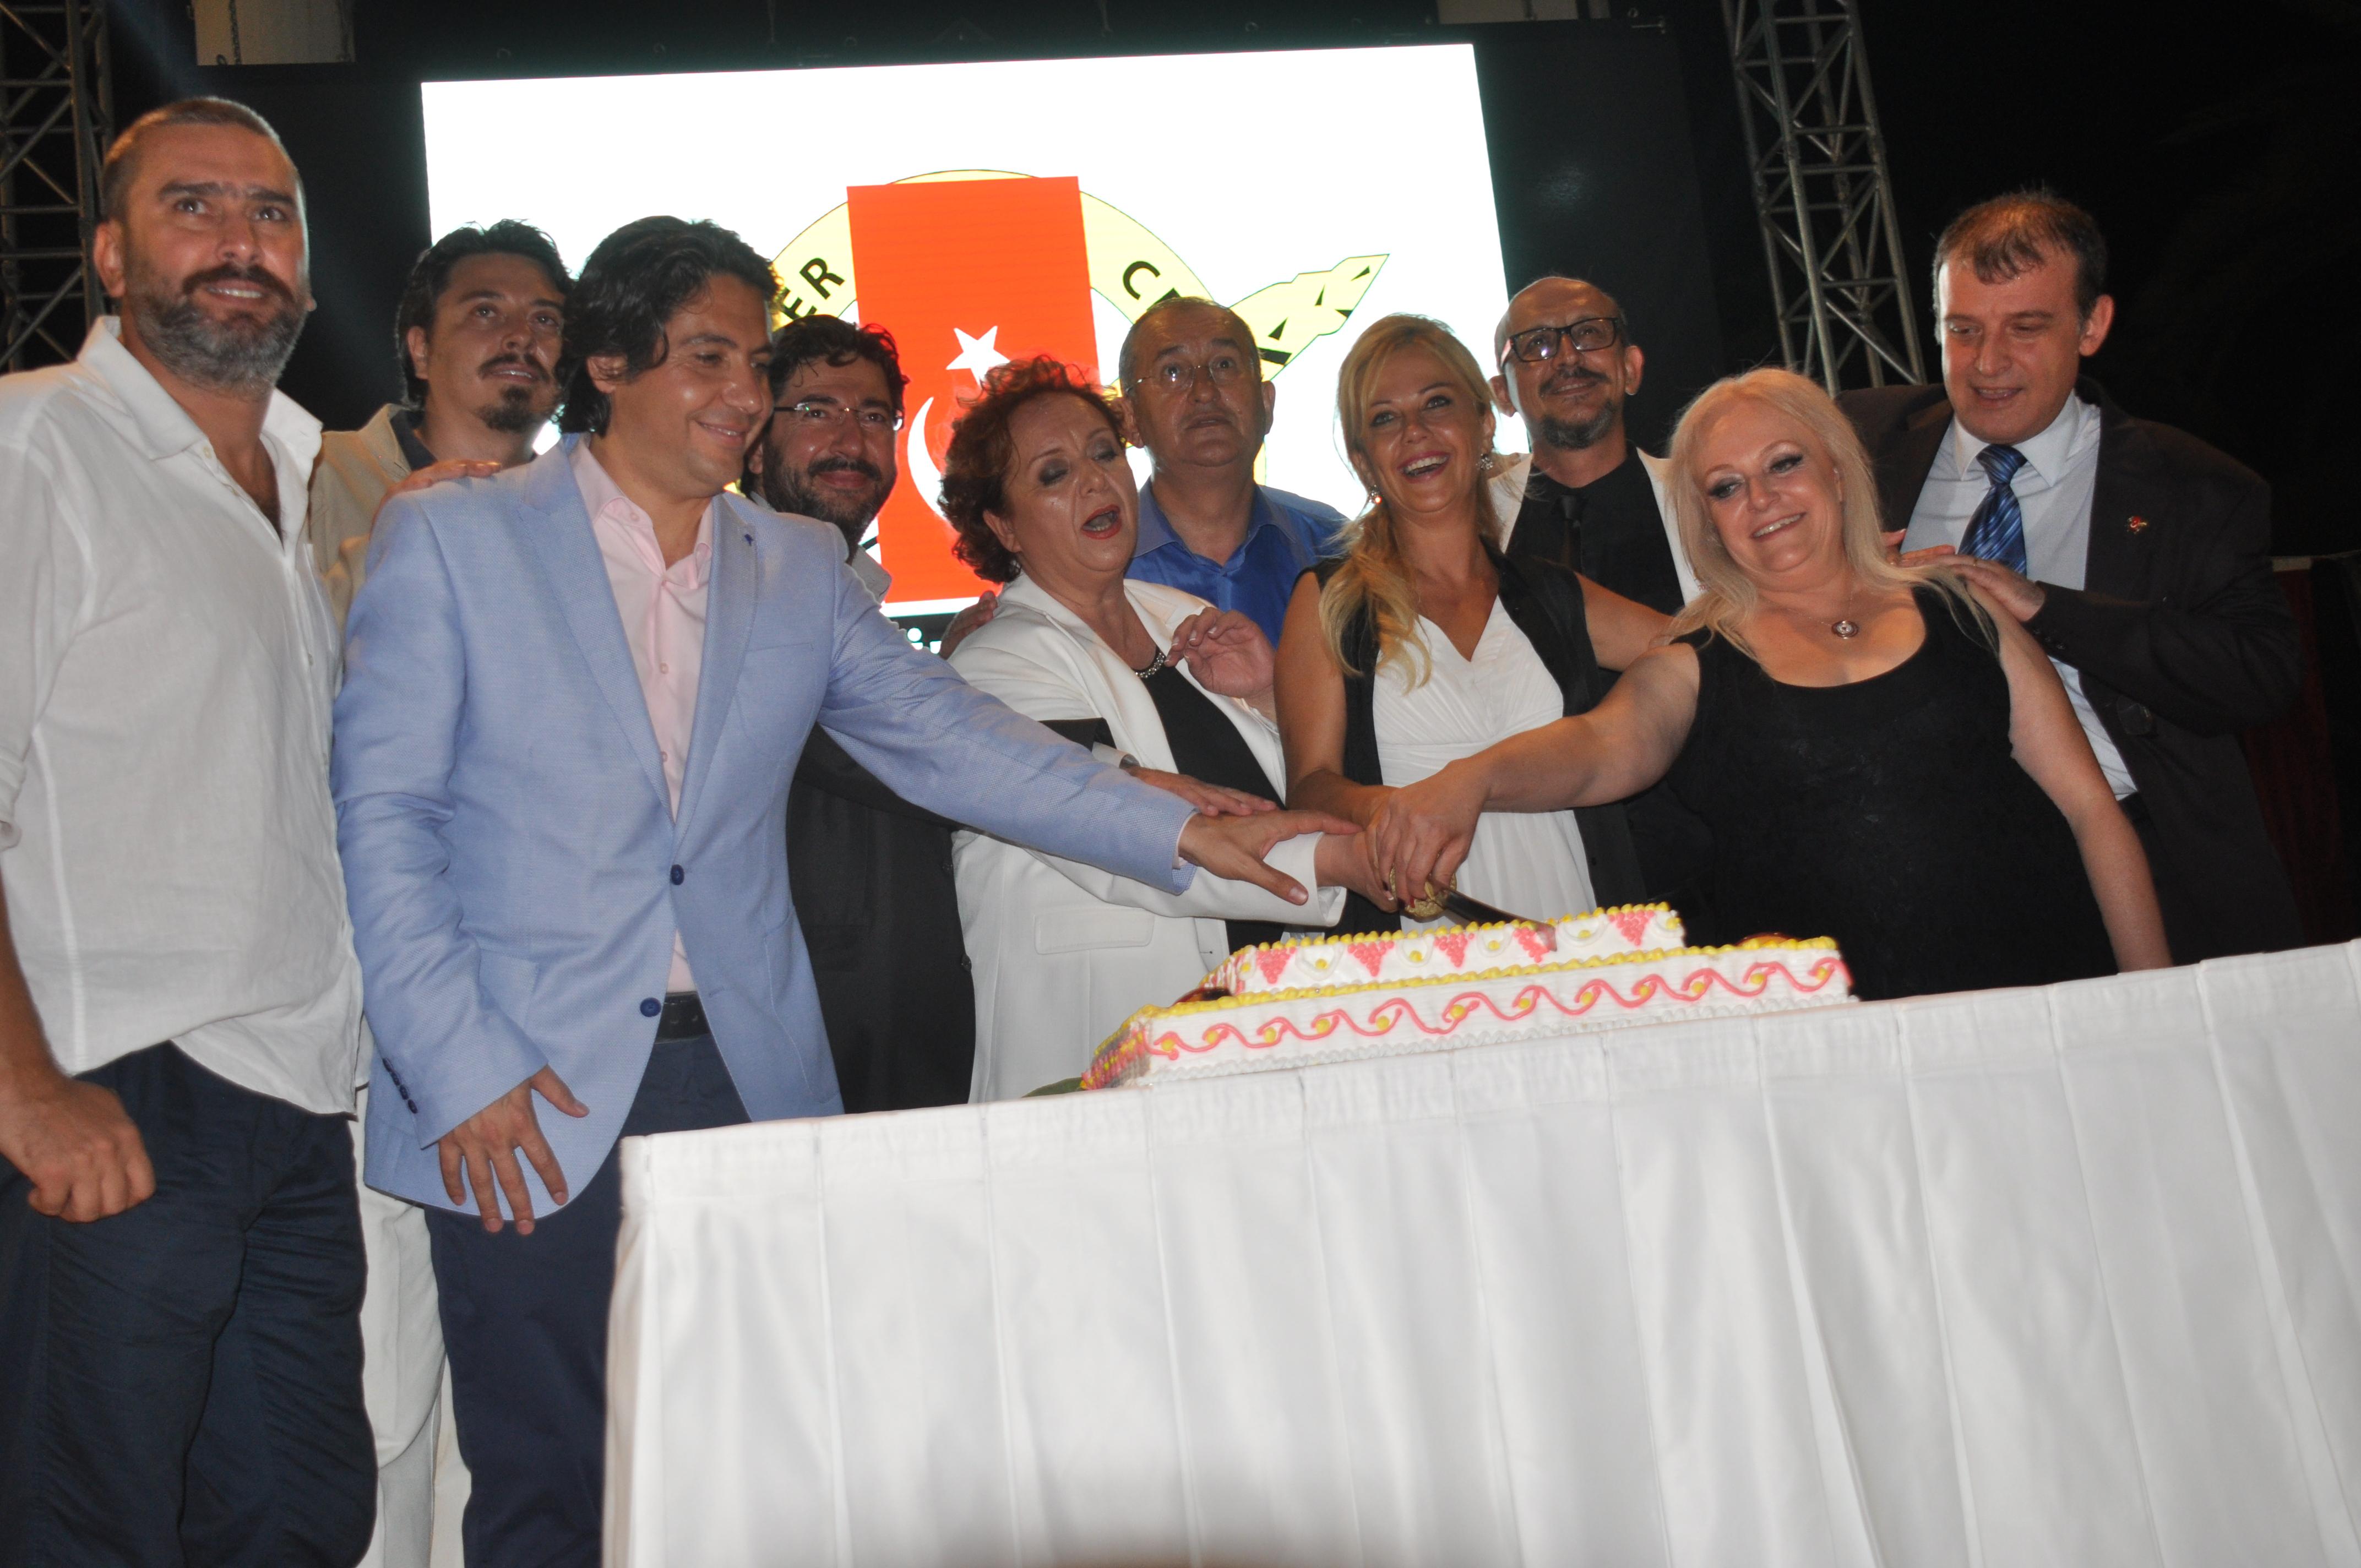 İzmir Gazeteciler Cemiyeti 70 yaşında